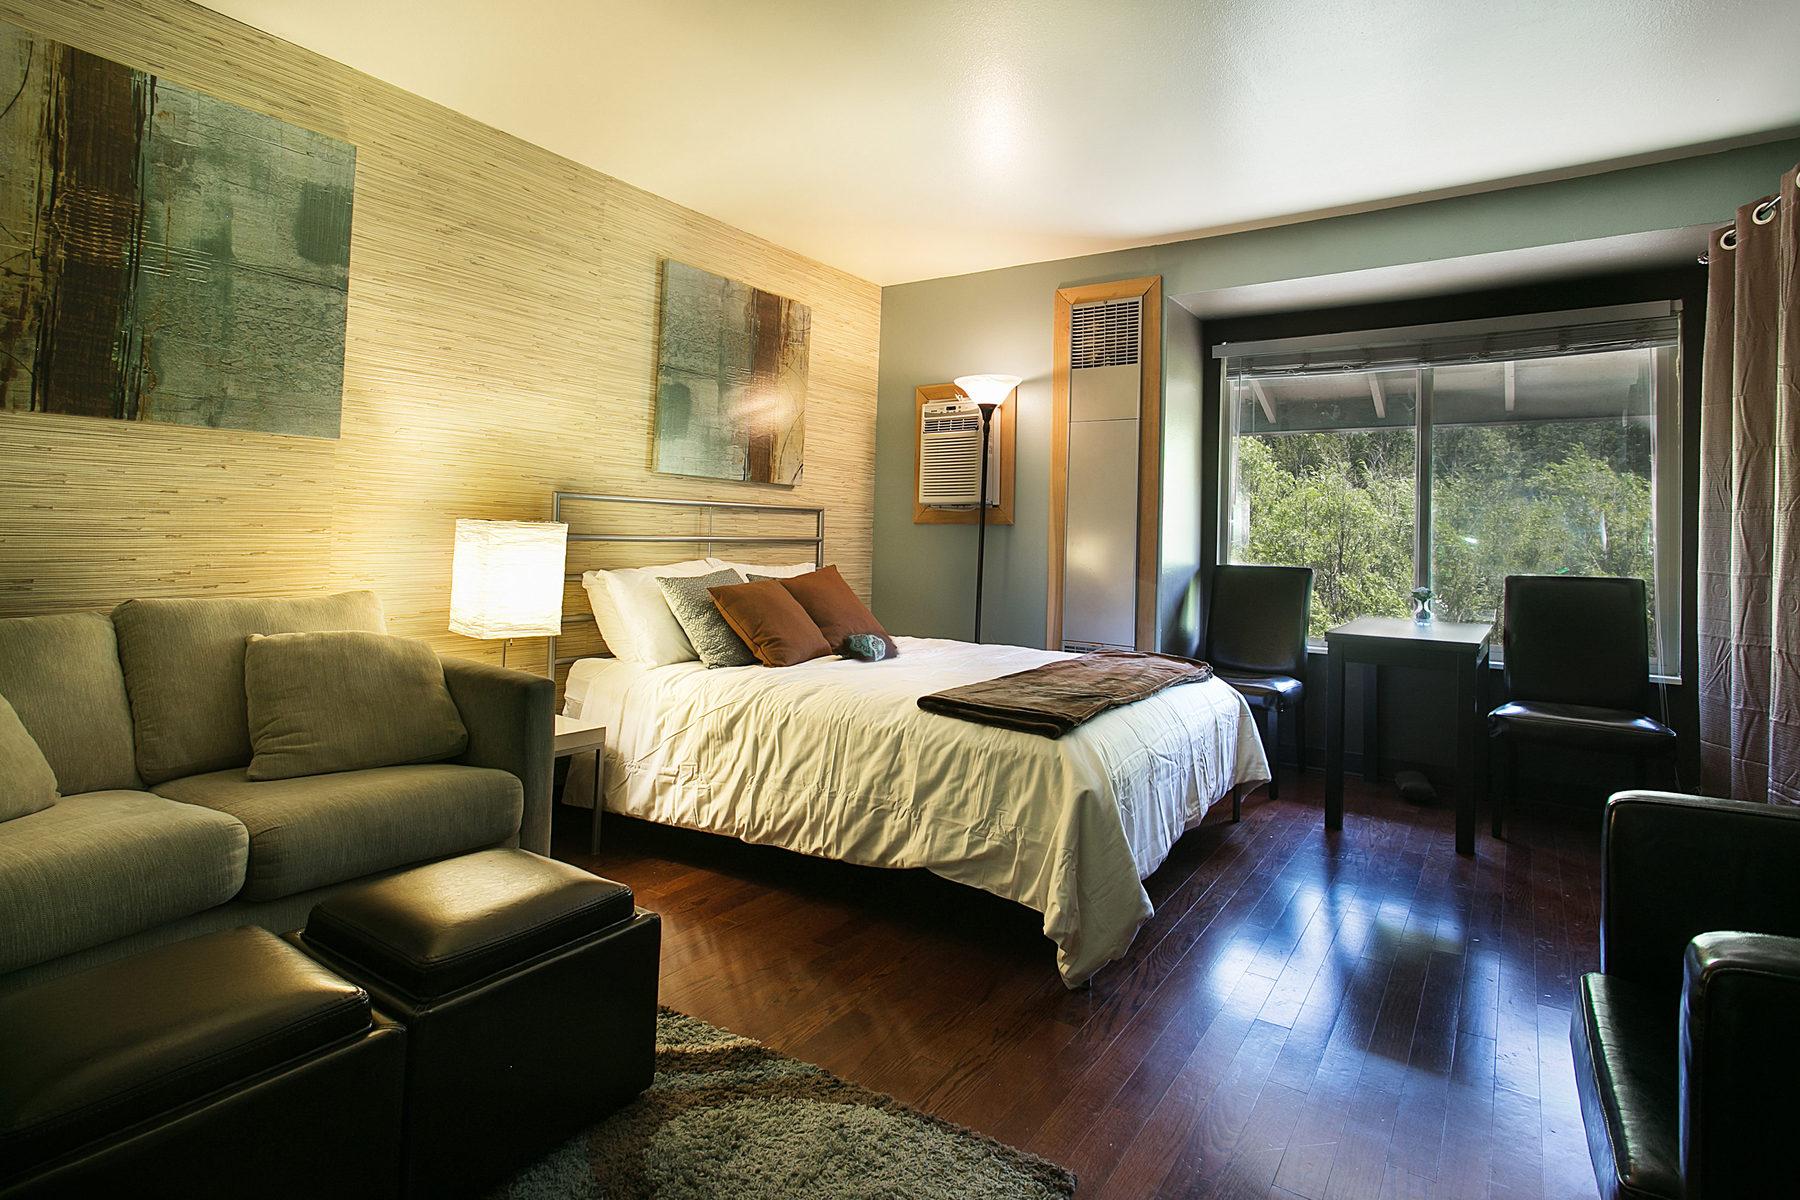 Eigentumswohnung für Verkauf beim Adorable Remodeled Studio 2105 Prospector Ave Unit 217 Park City, Utah 84060 Vereinigte Staaten